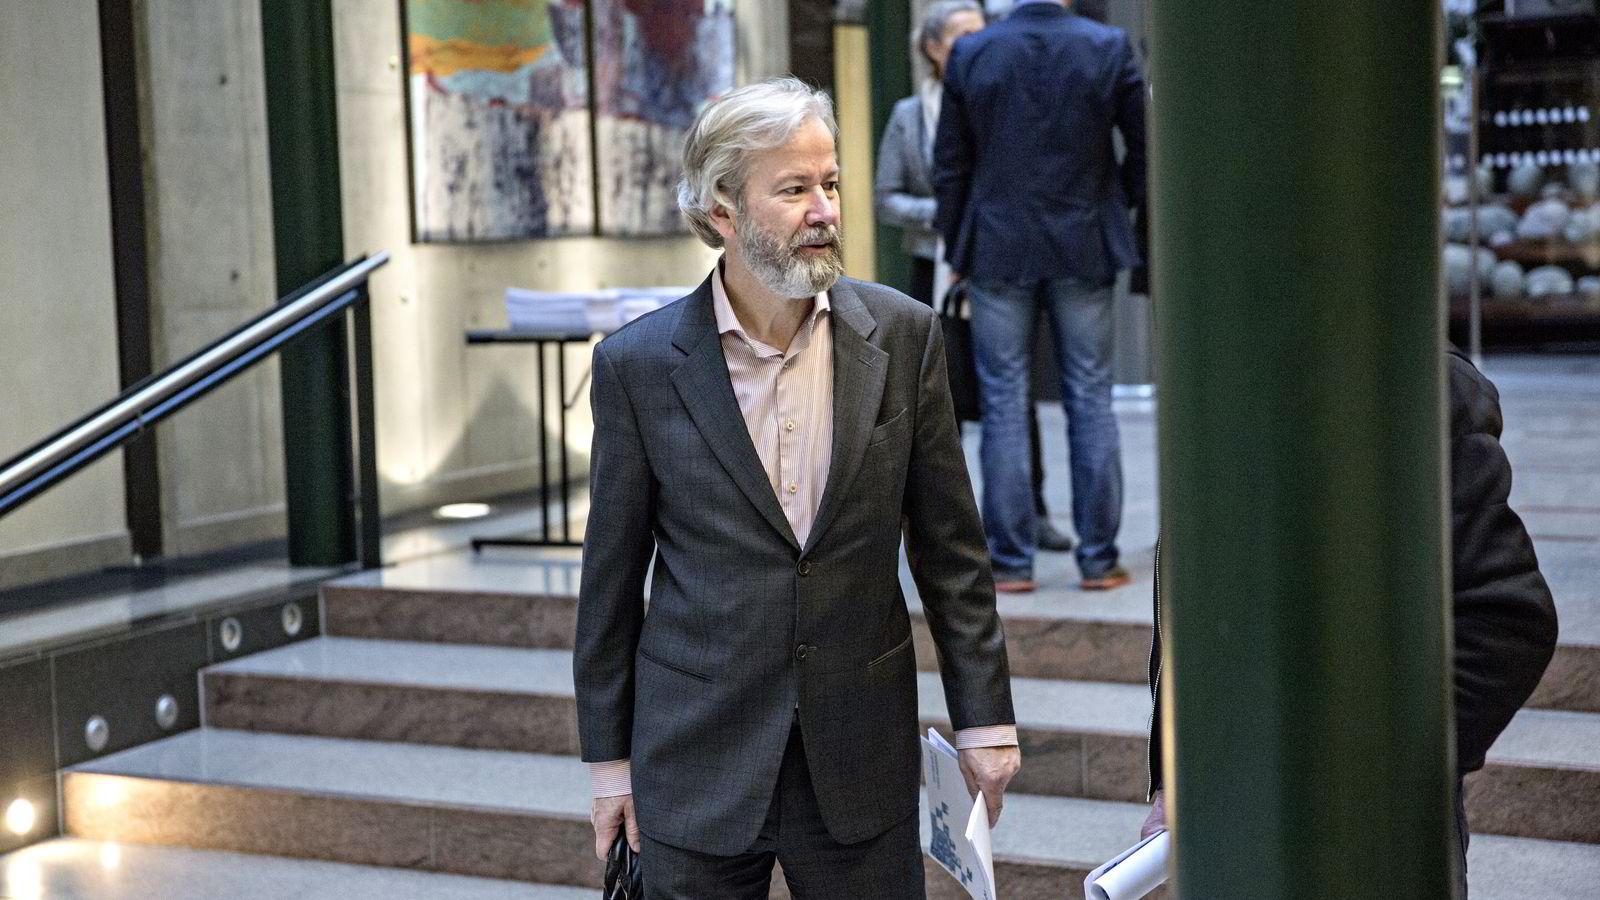 Styreleder Ole Jacob Sunde i Schibsted kan få nær én million kroner i styrehonorar hvis generalforsamlingen støtter valgkomiteens forslag. Foto: Aleksander Nordahl